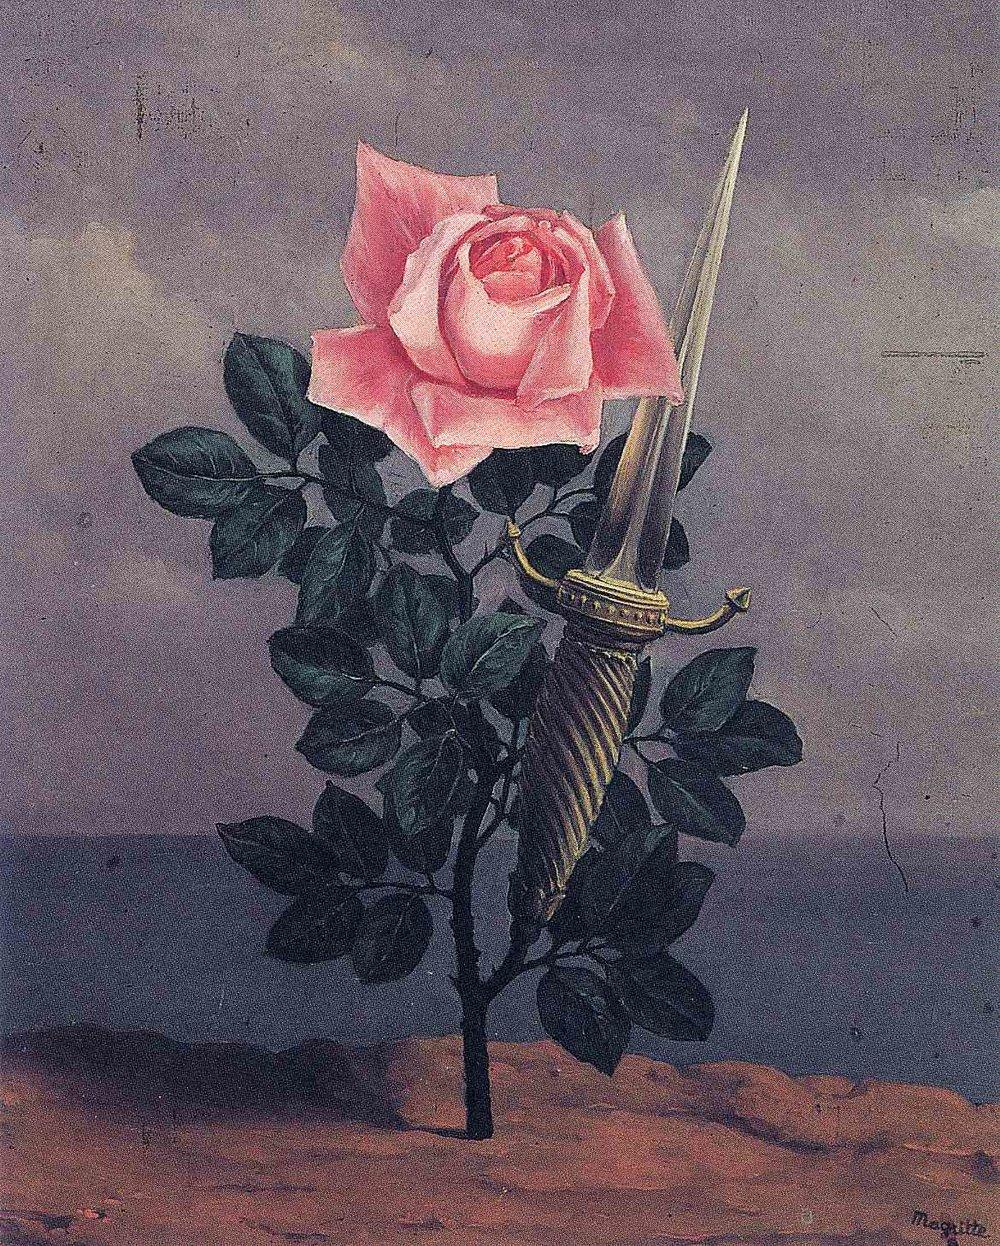 19 - René Magritte também trouxe o tema das flores para a sua arte surrealista, em  'The Blow To The Heart'  (1952)